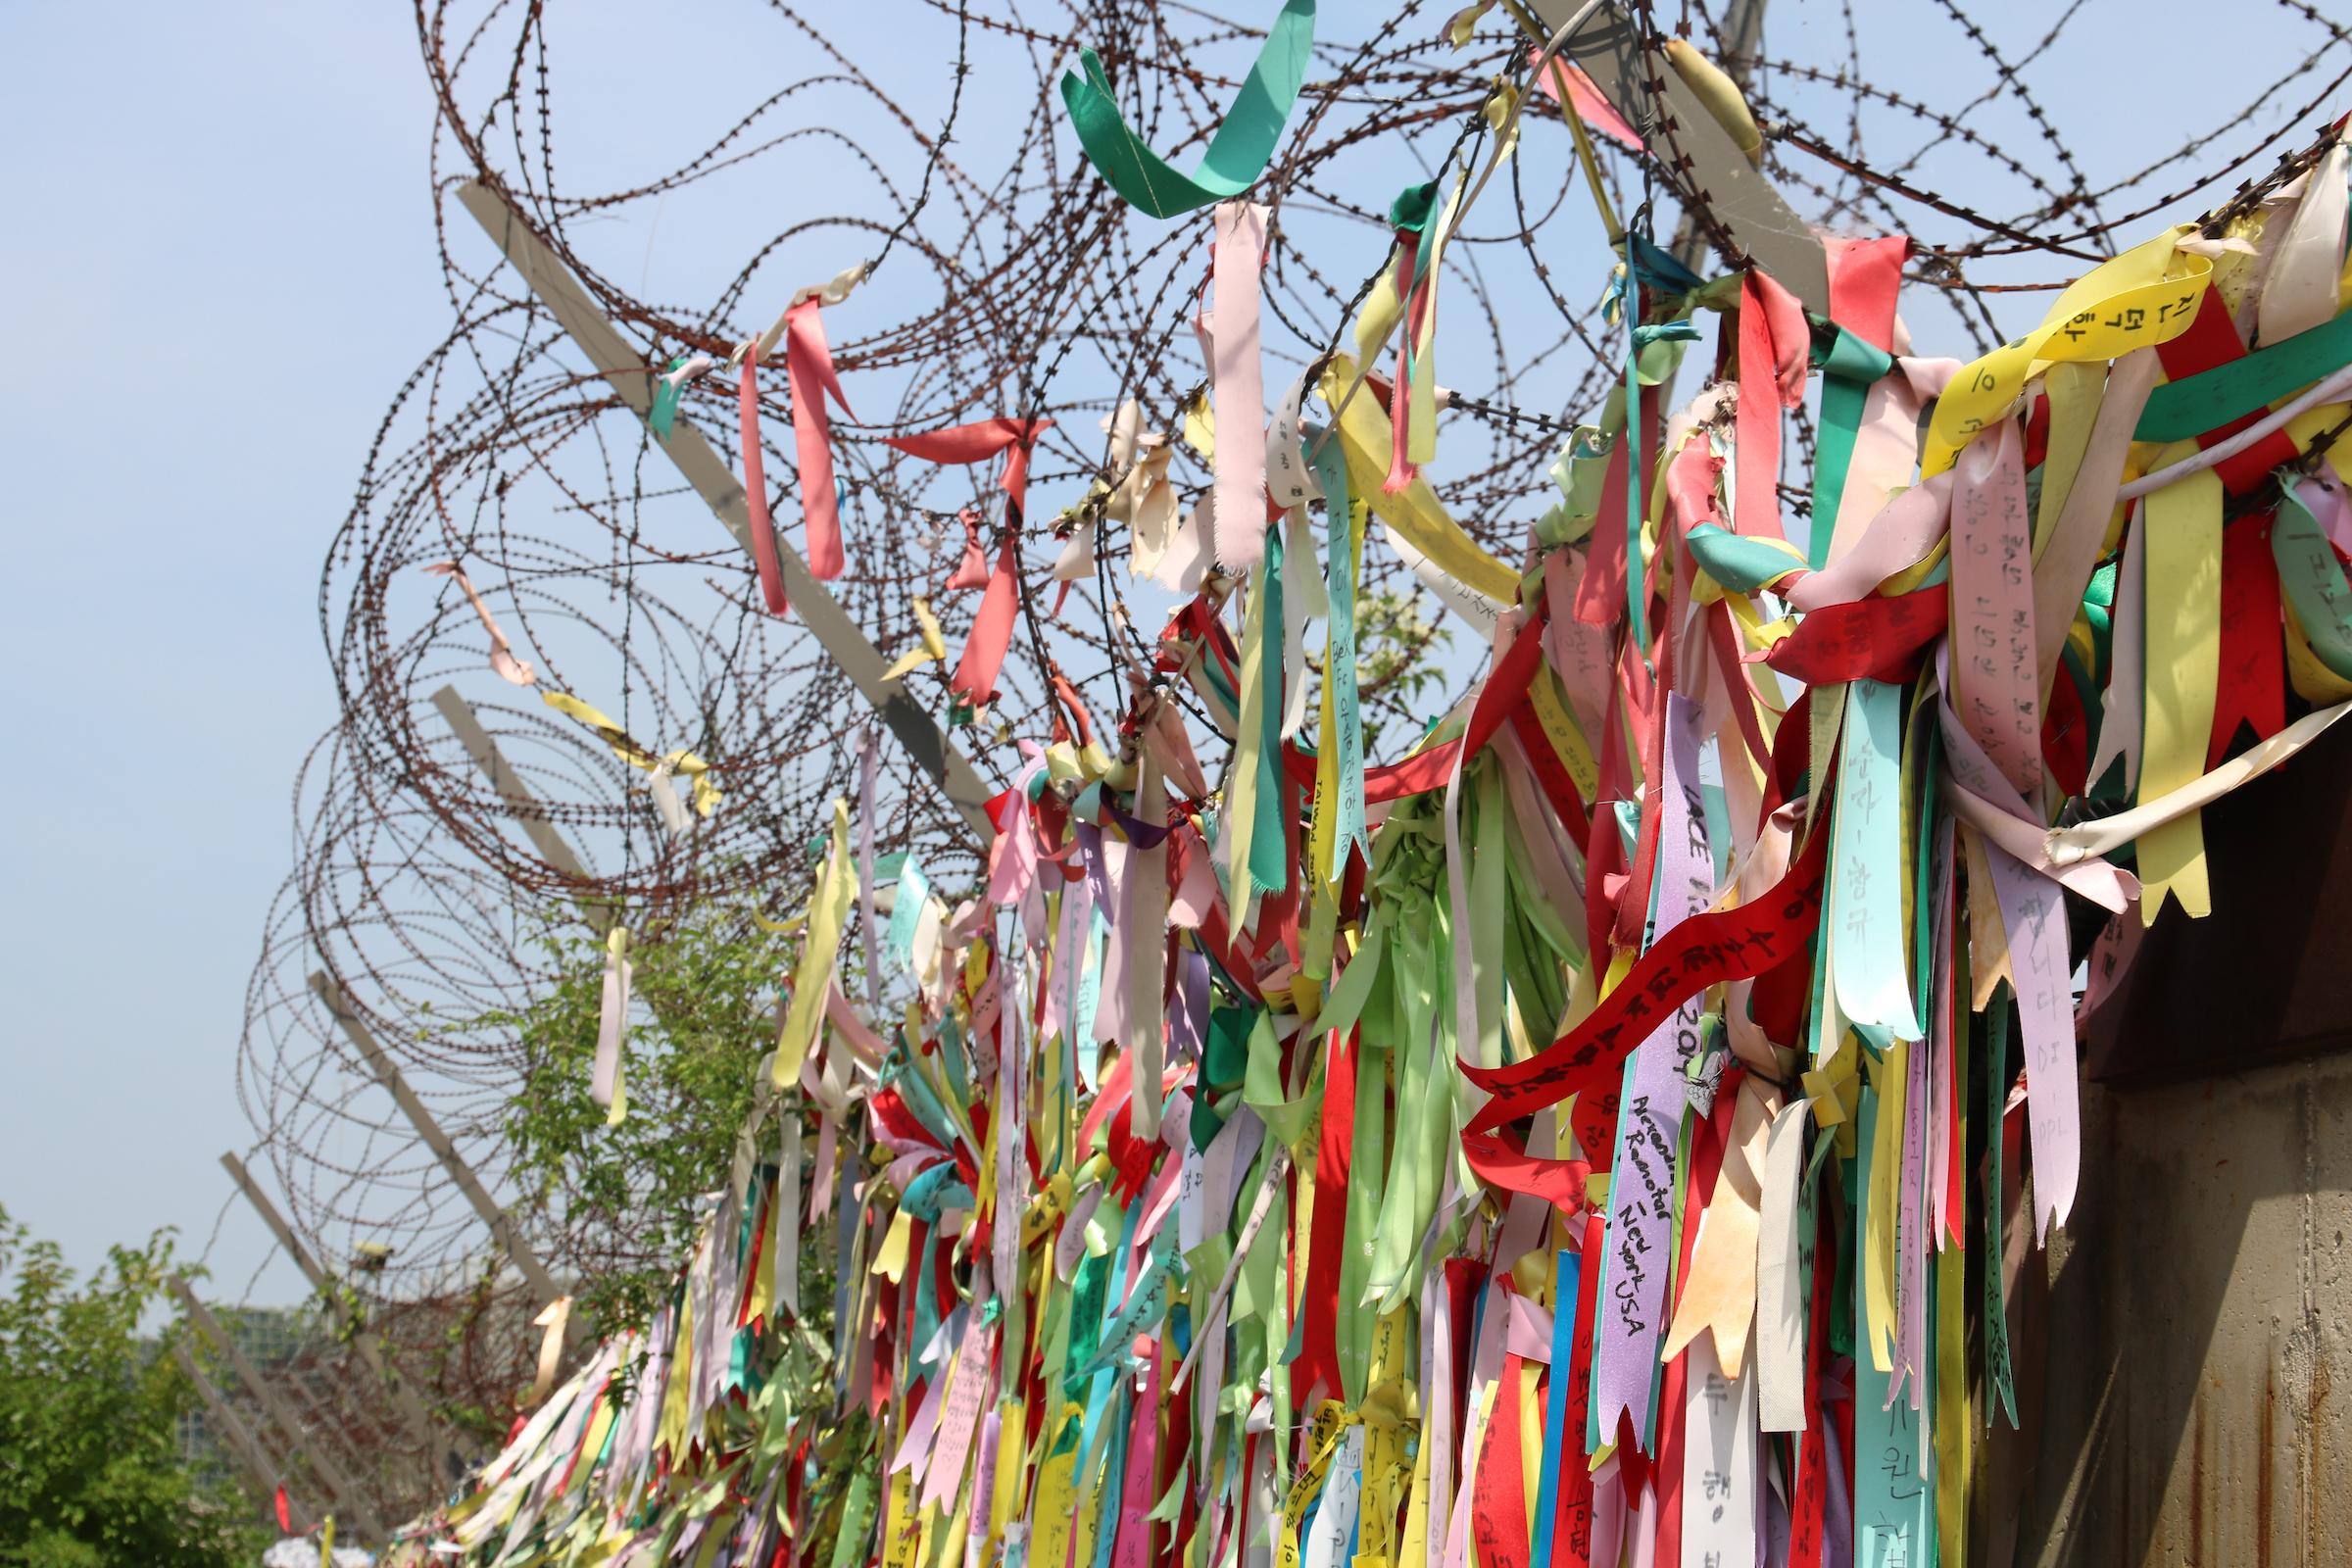 휴전선에 한반도 평화를 위한 순례자들이 기도문을 걸어놓은 모습. 사진 그레고리 드 폼벨레, WCC.